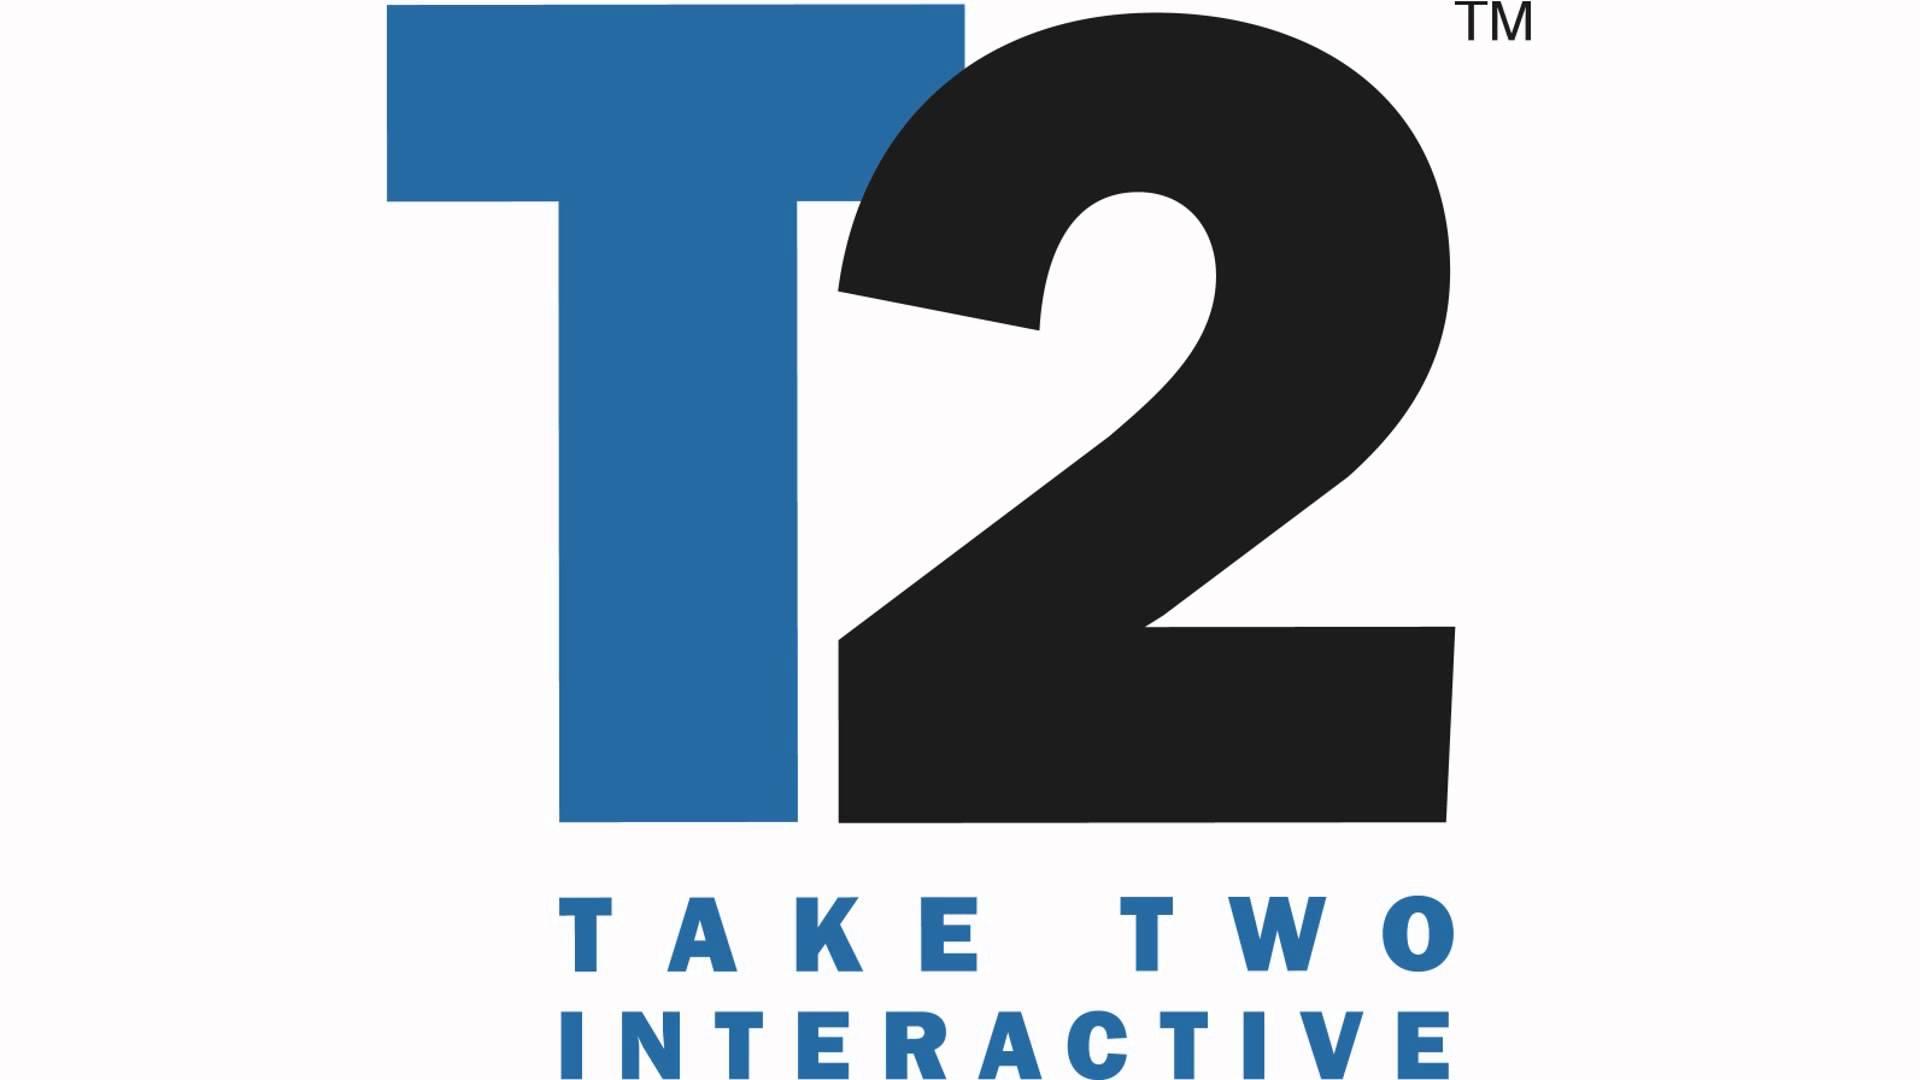 گزارش مالی شرکت Take-Two | فروش ۹۵ میلیون نسخهای Grand Theft Auto V